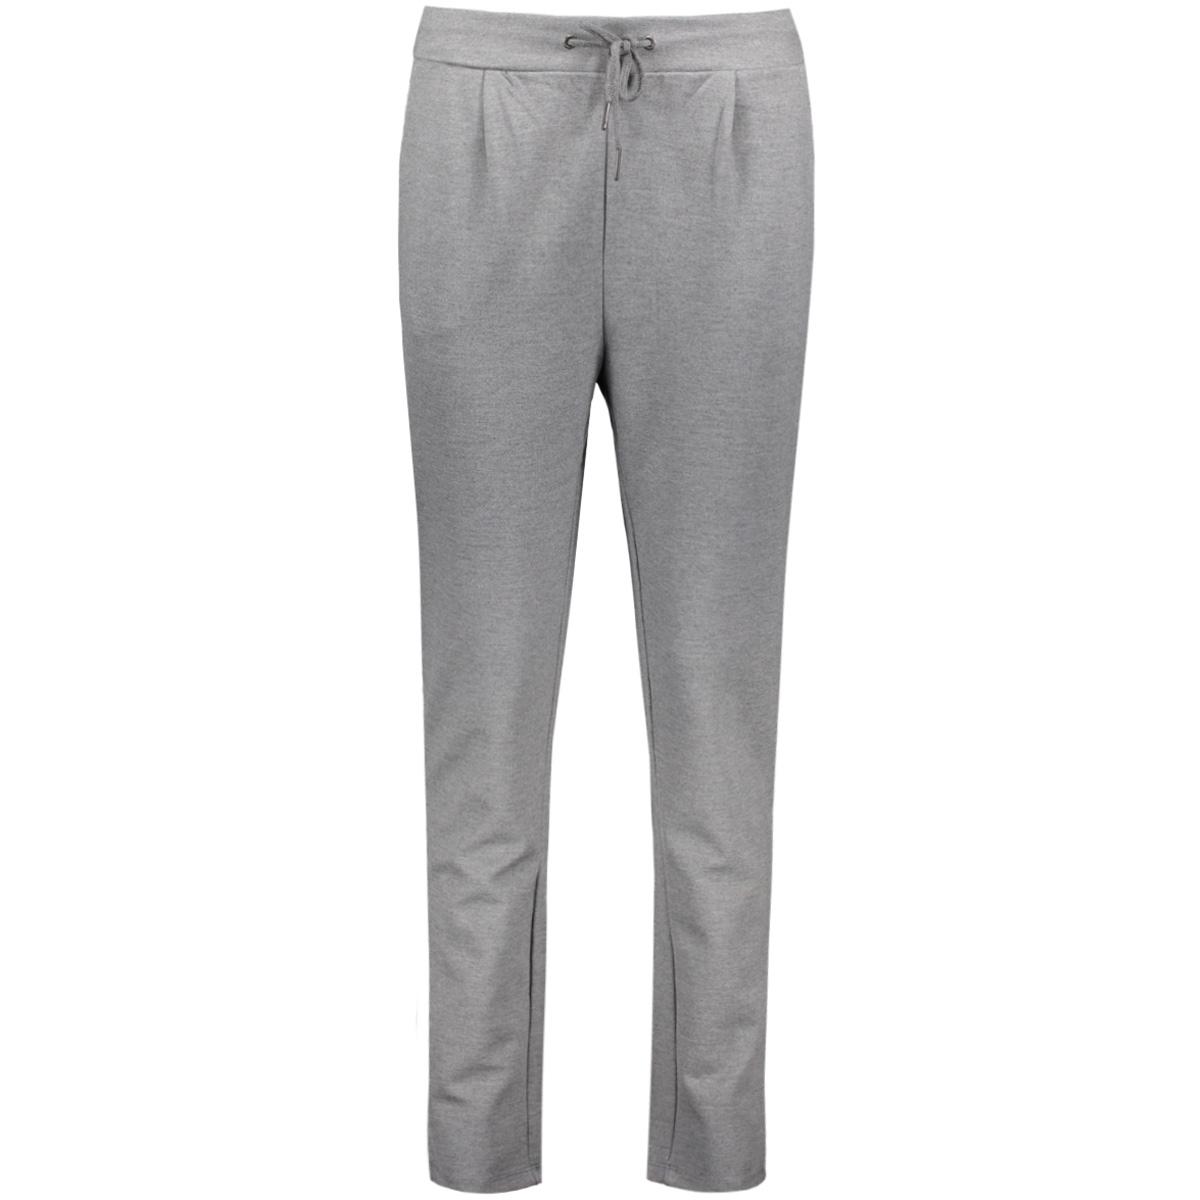 viclass pant-noos 14042278 vila broek medium grey melange